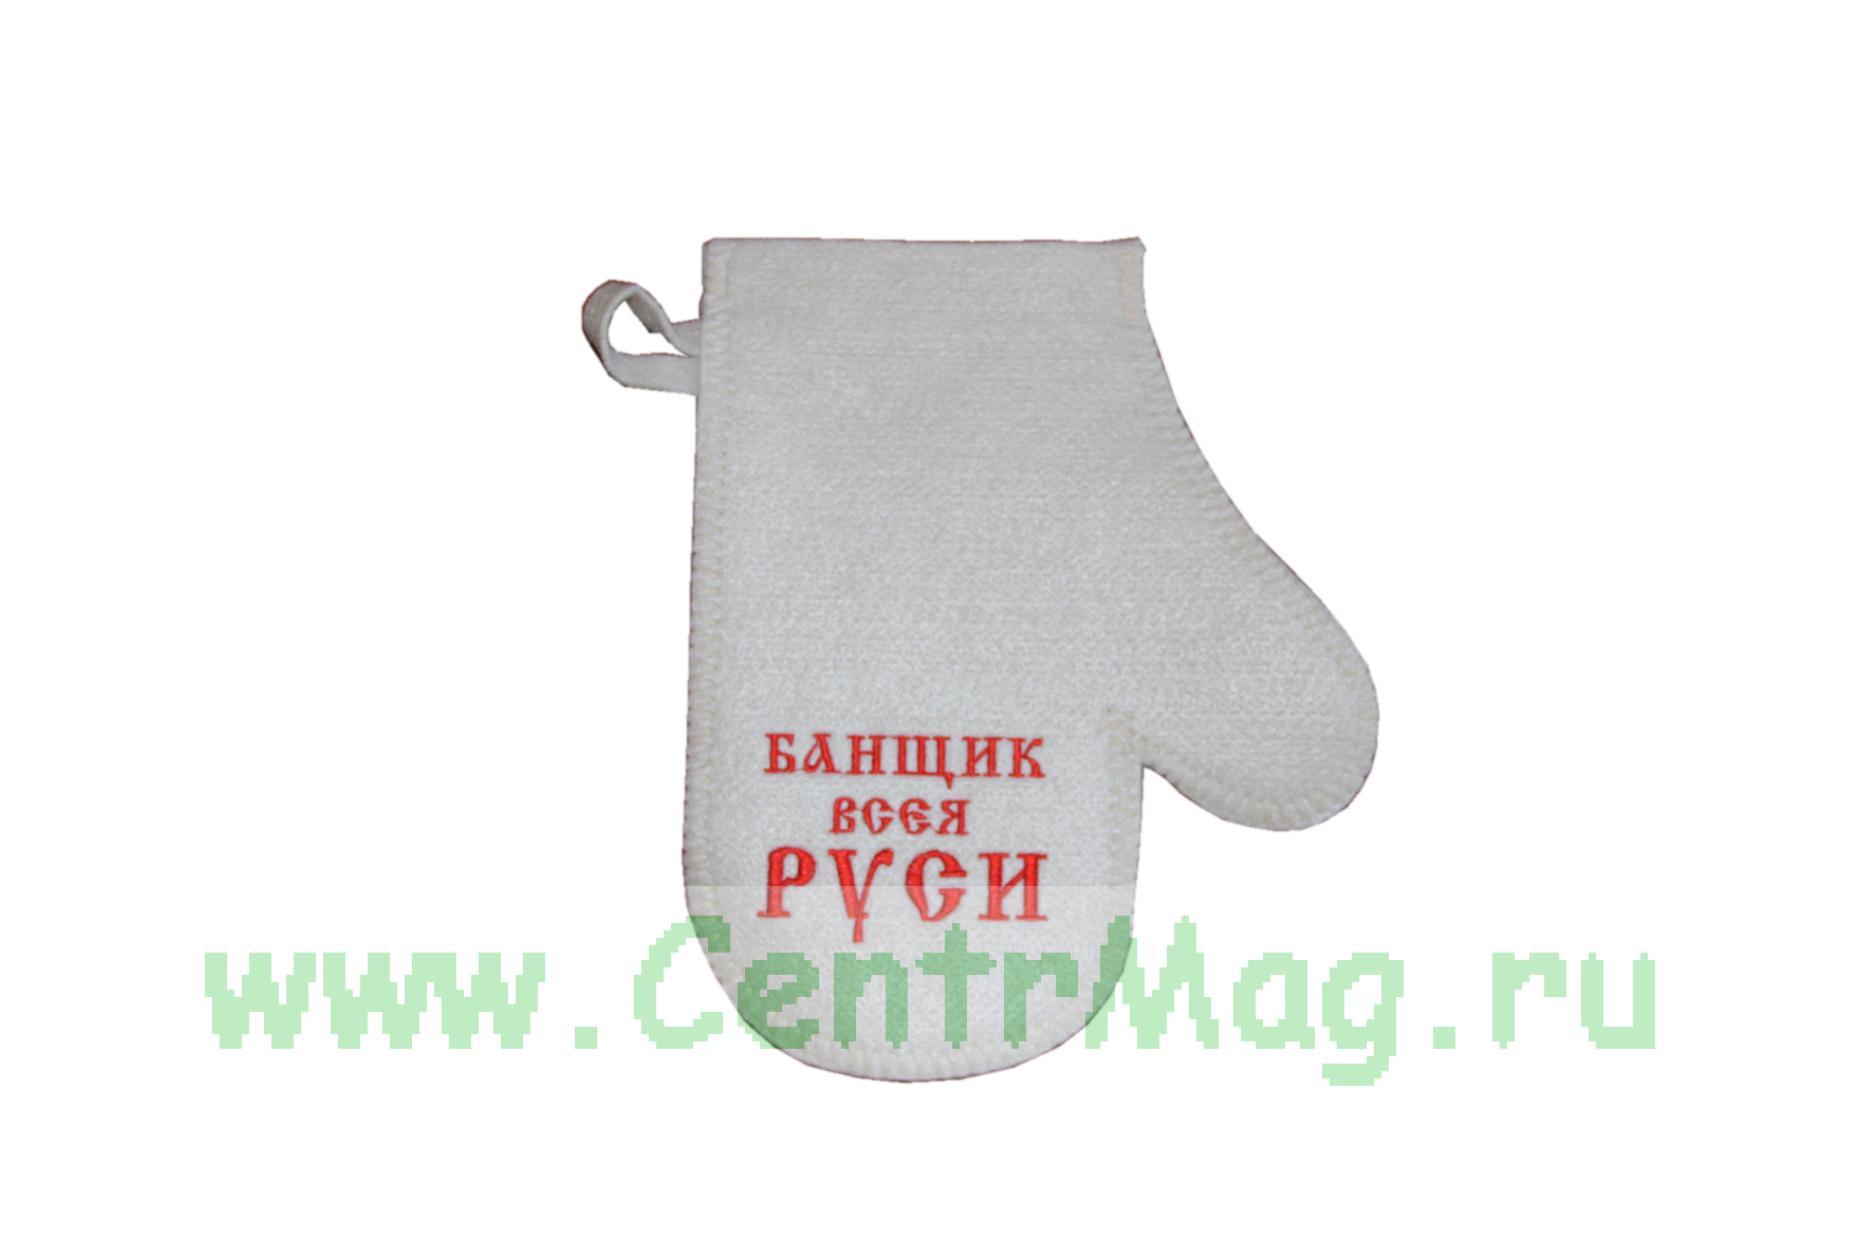 Рукавица для сауны с вышивкой